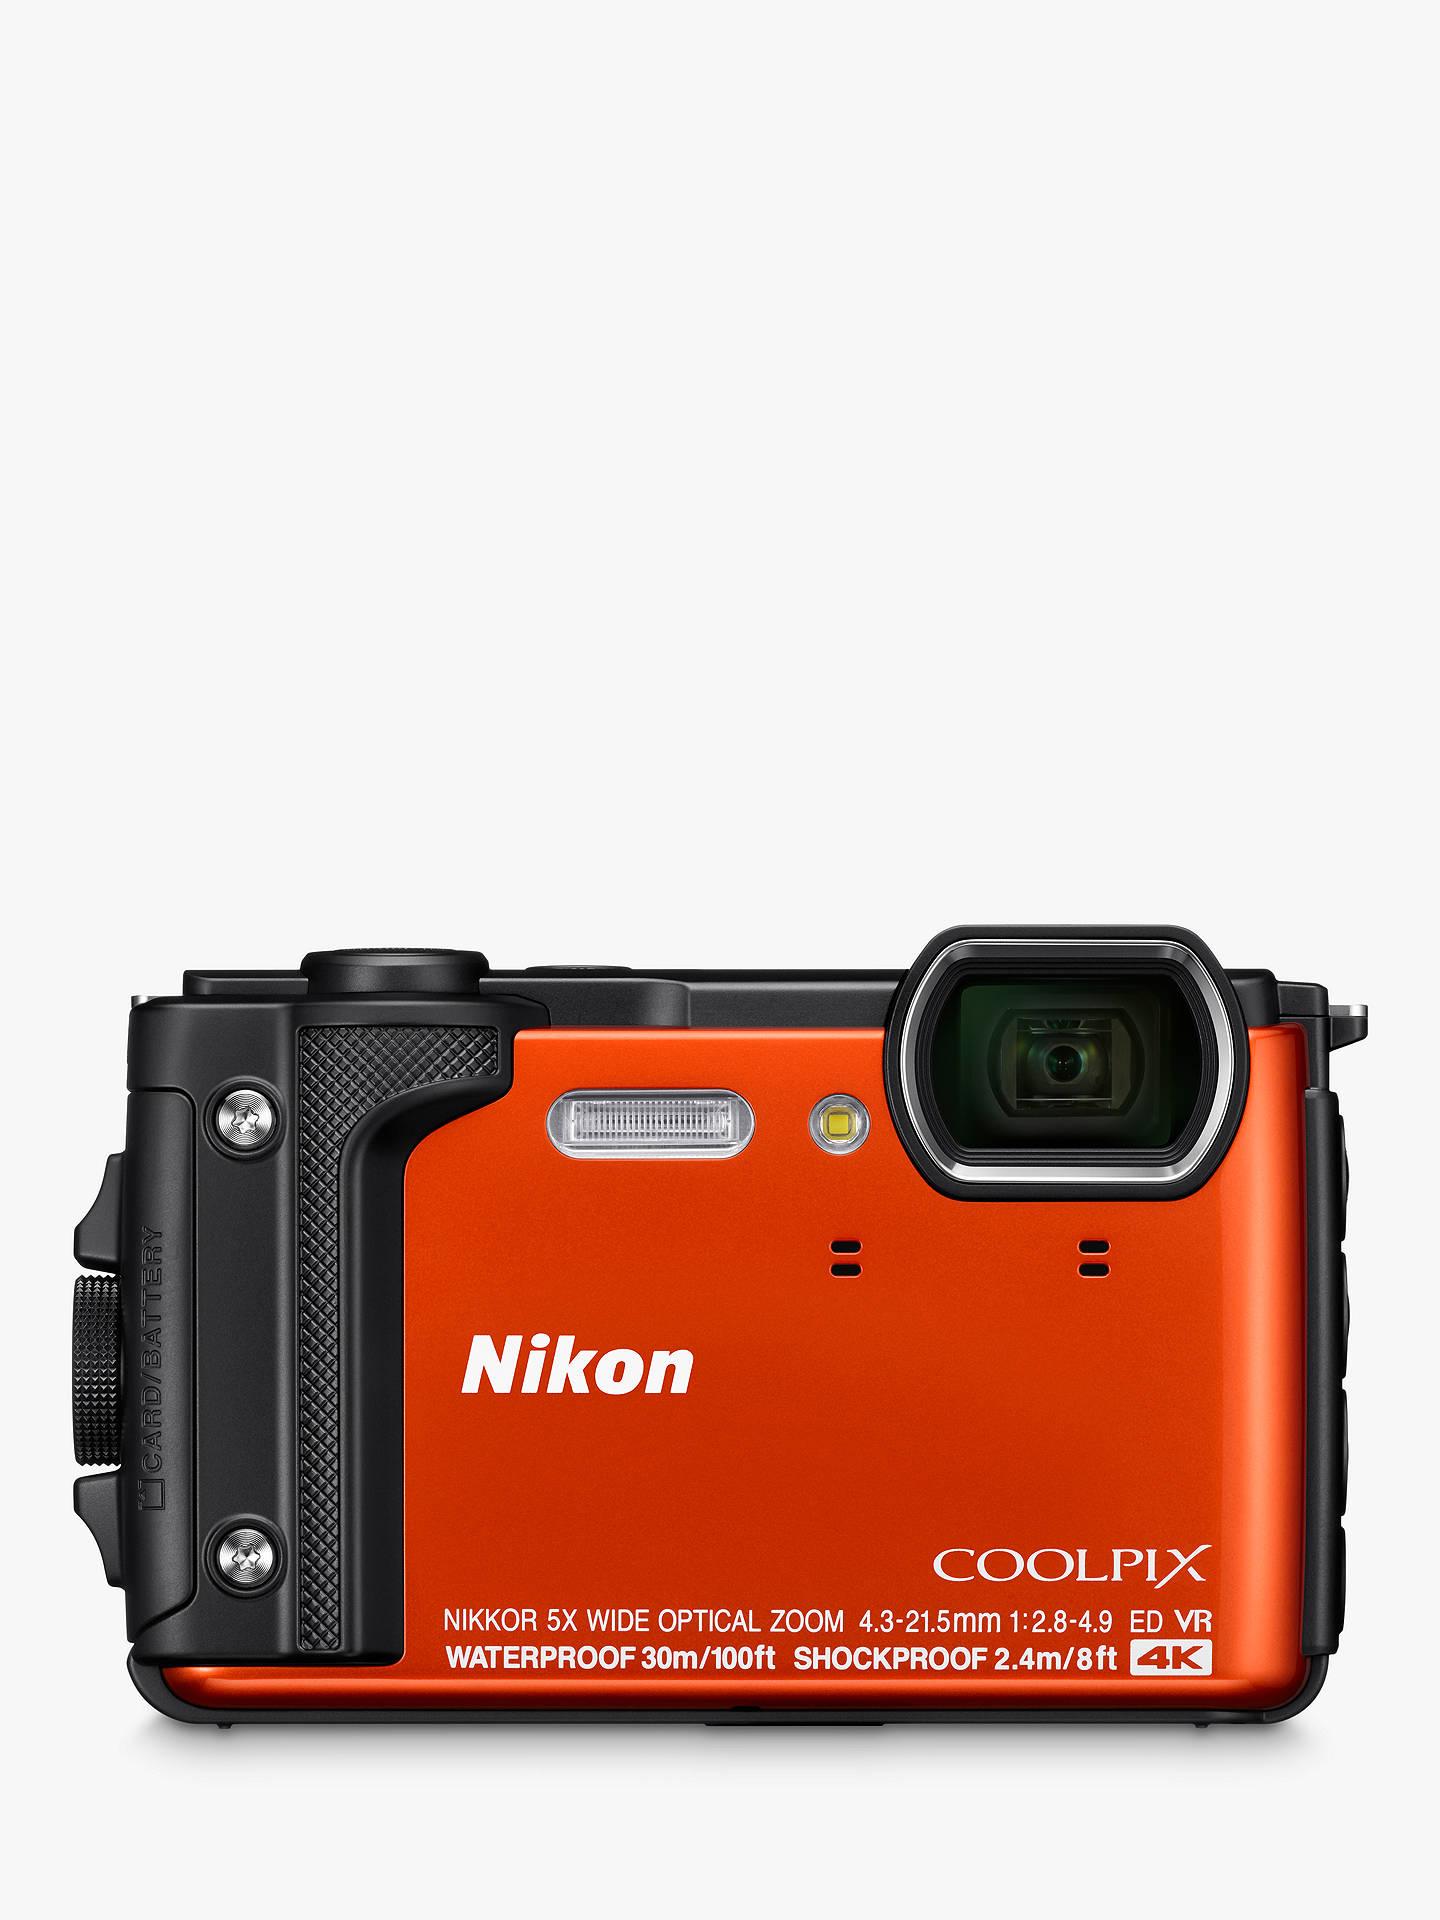 BuyNikon COOLPIX W300 GPS Waterproof Freezeproof Shockproof Dustproof Digital Camera 16MP